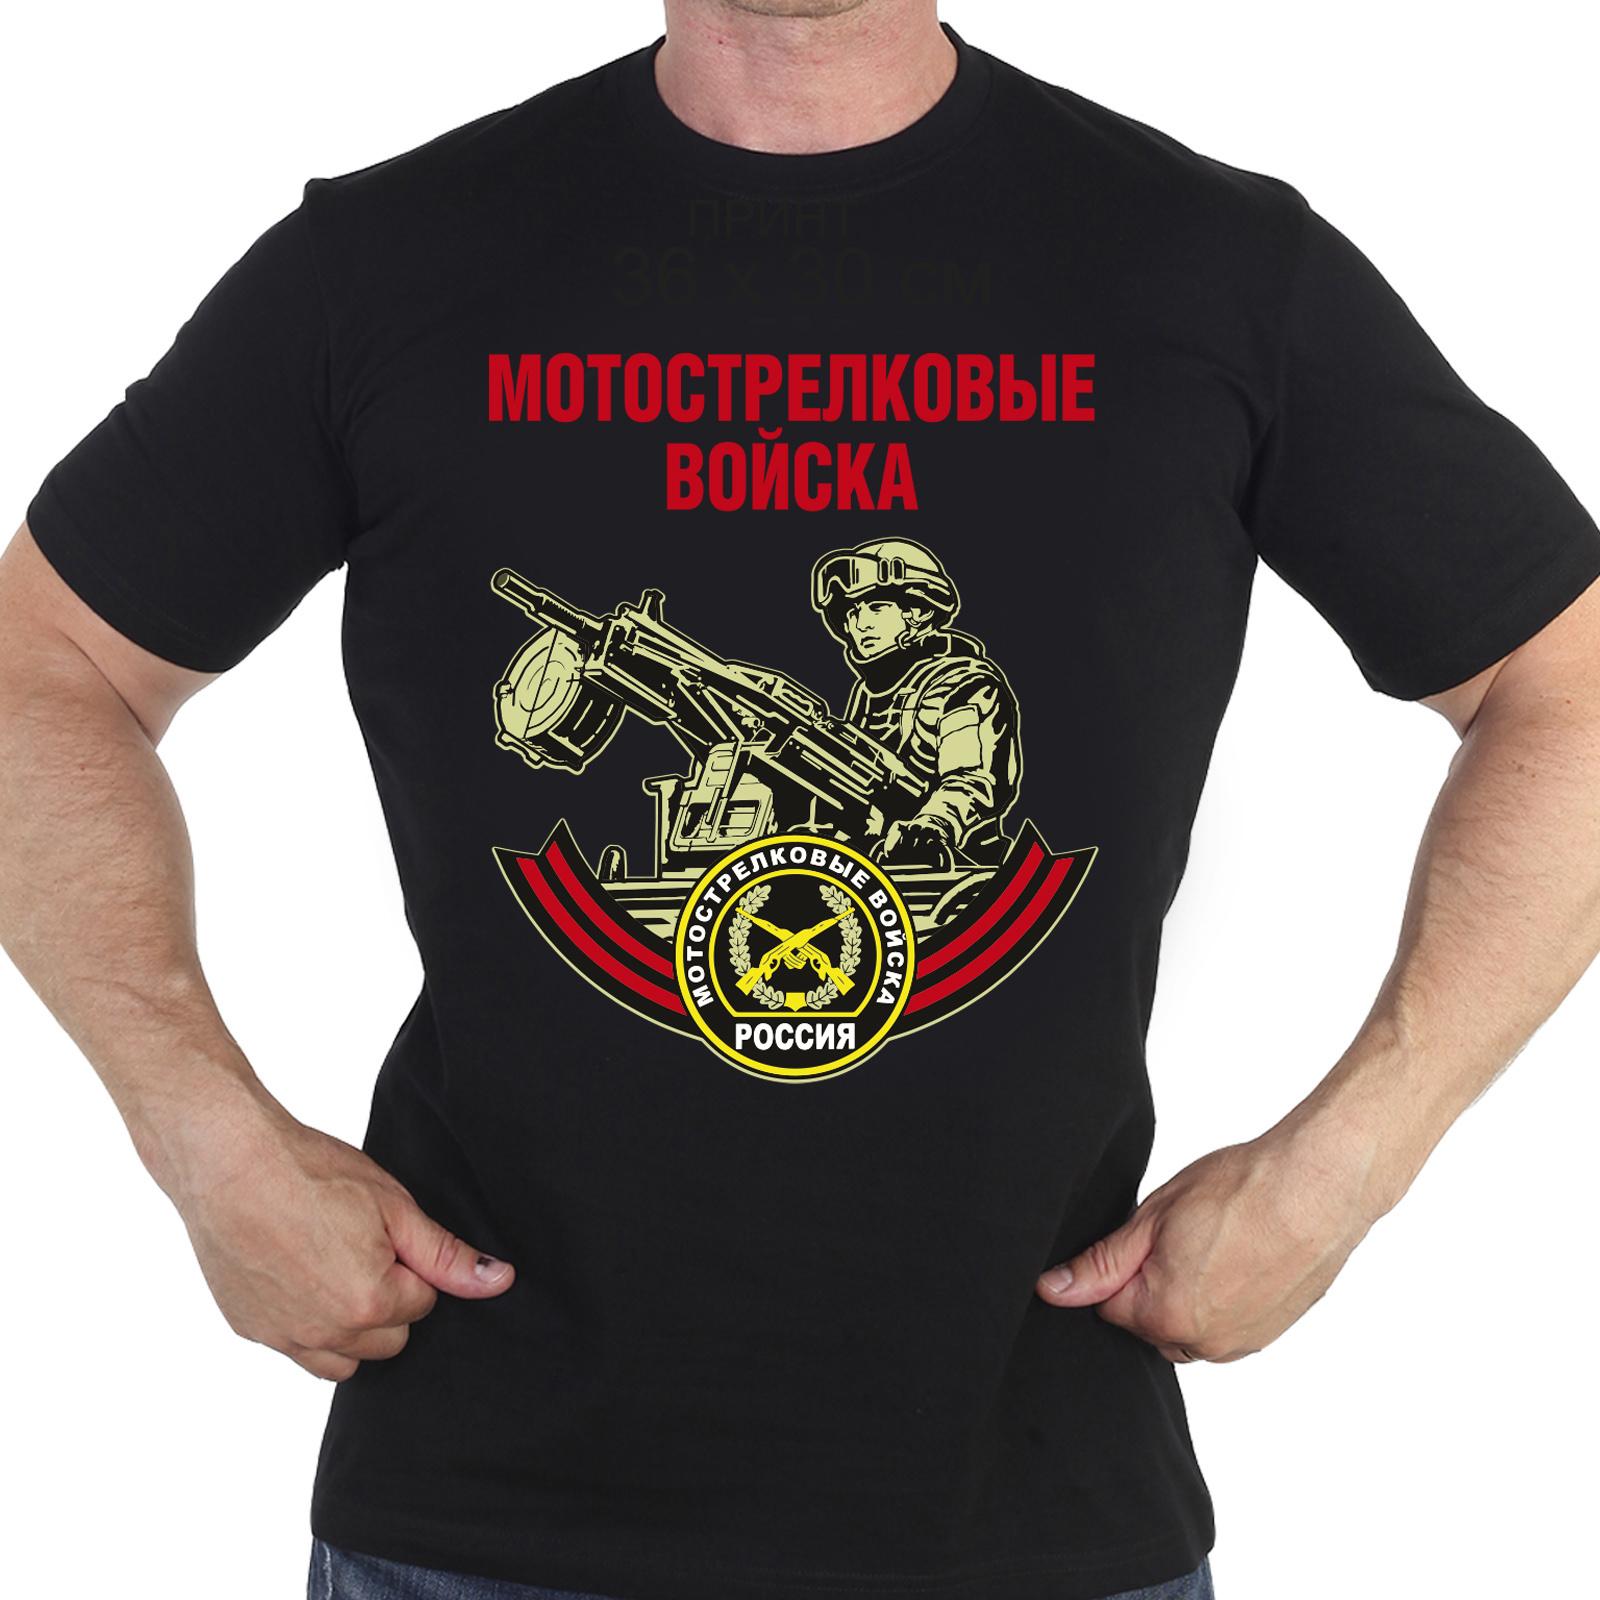 Мужская футболка с принтом Мотострелковых войск